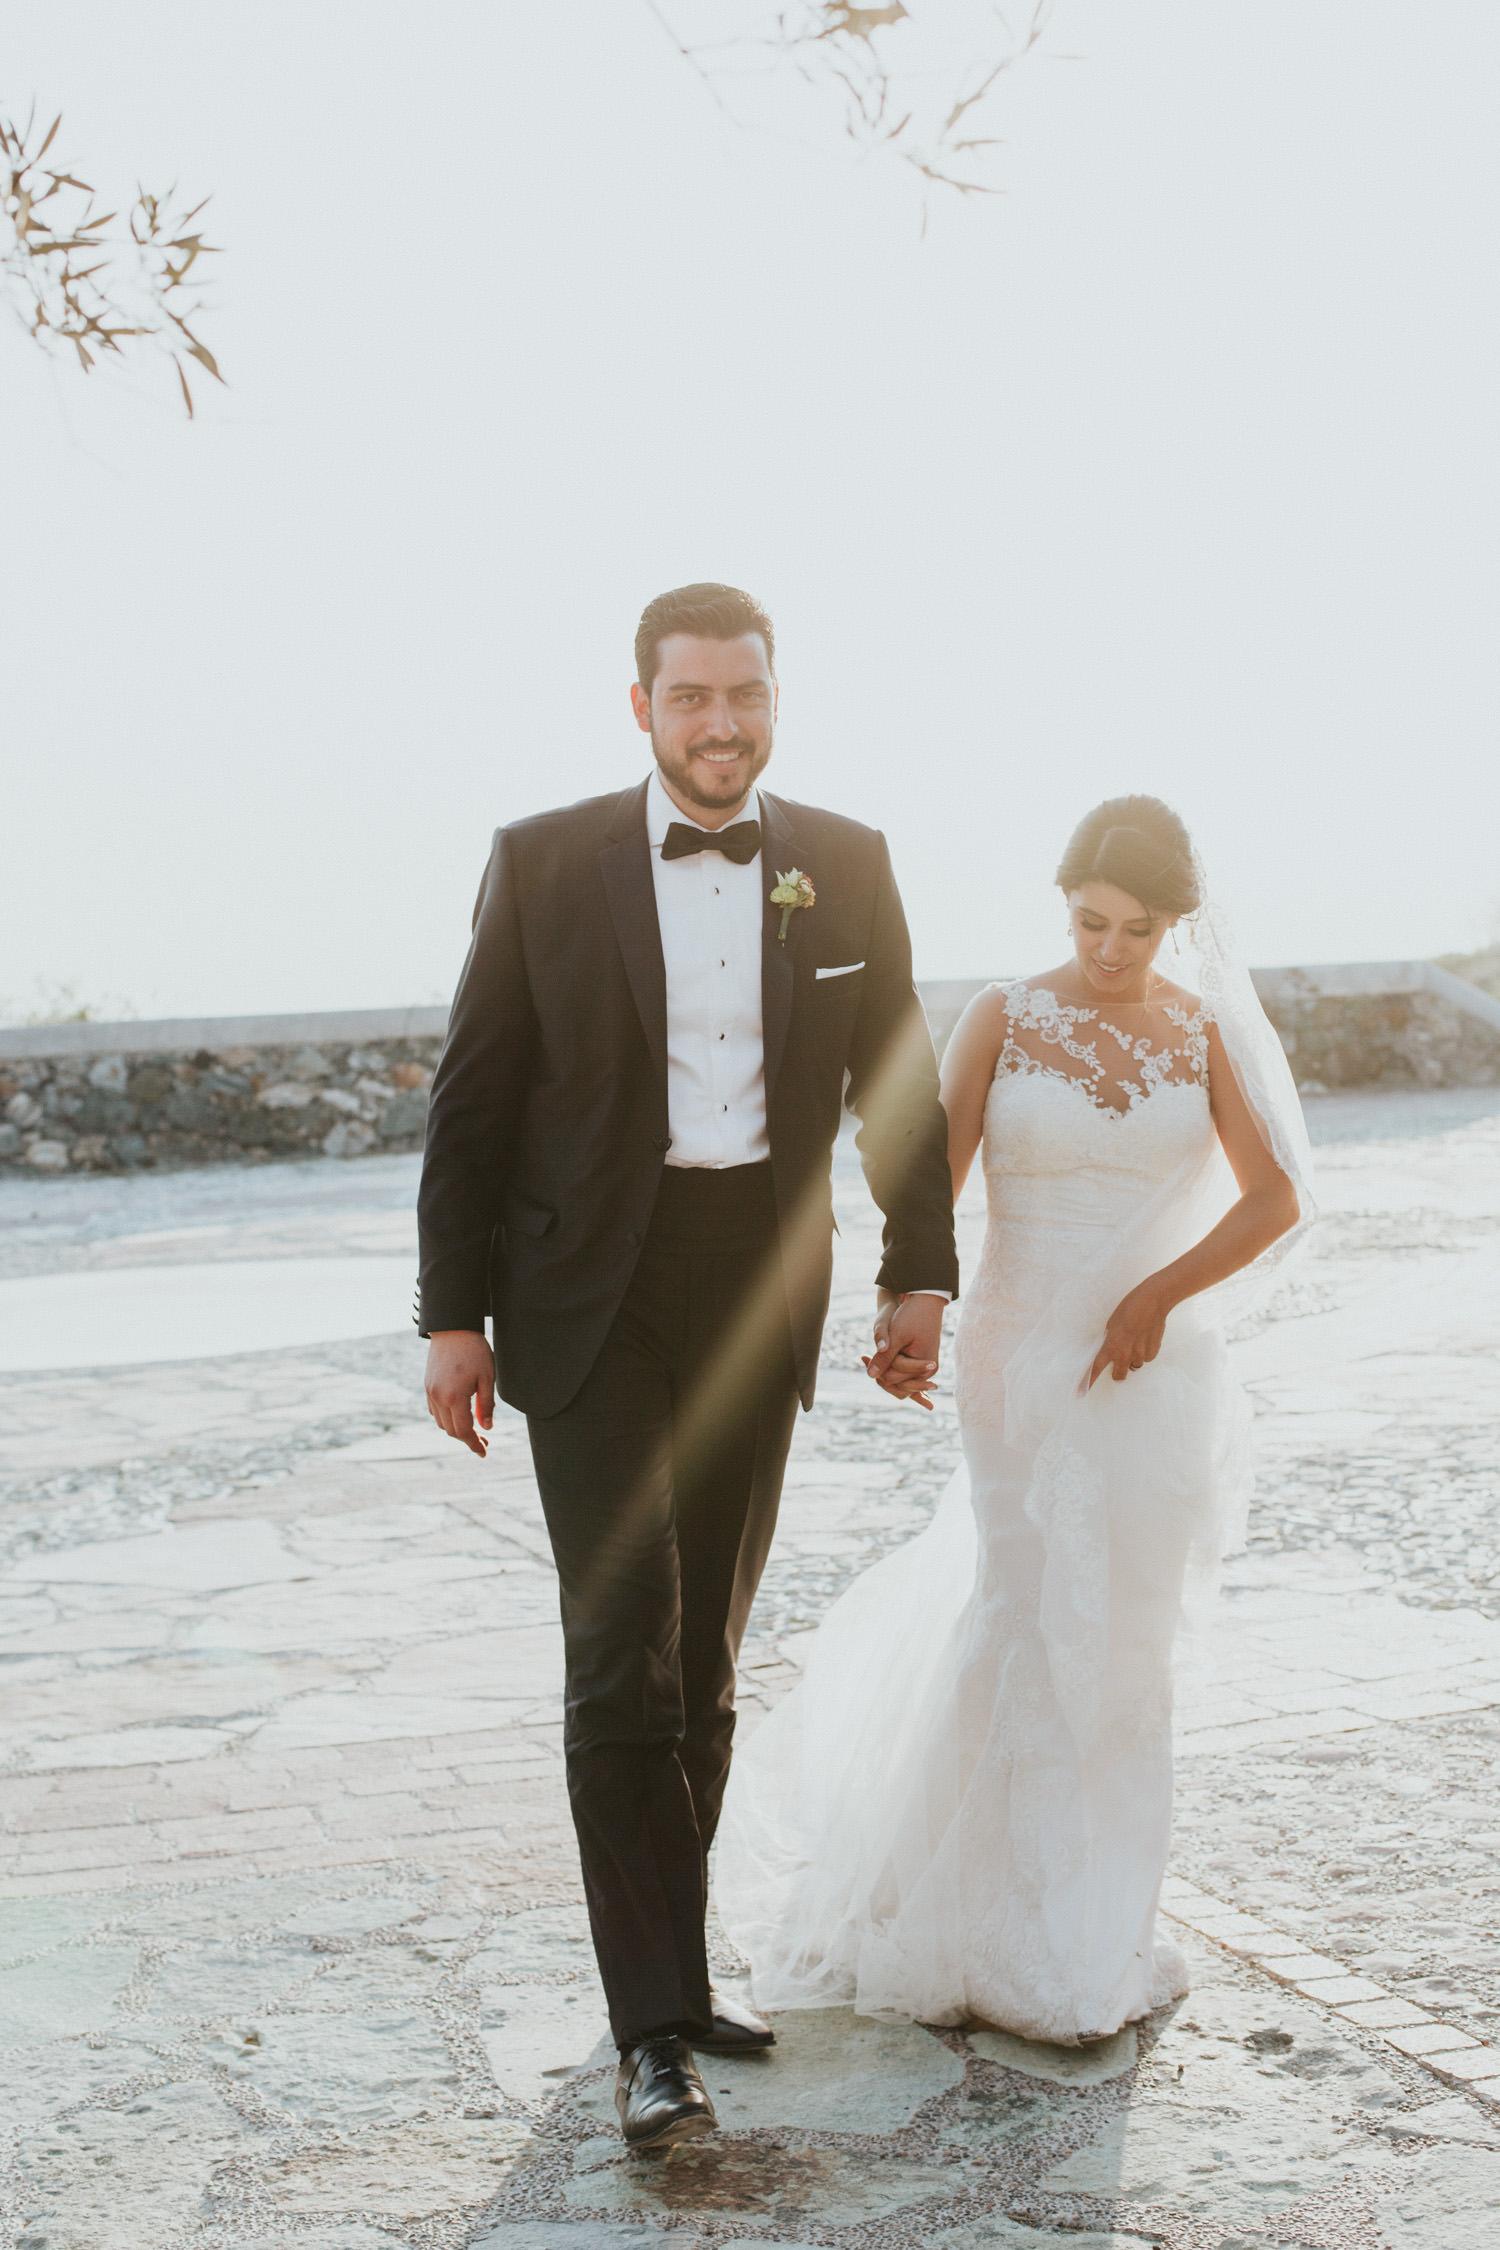 Boda-Guanajuato-Camino-de-Vinos-San-Miguel-Allende-Wedding-Fotografia-Paulina-Mauricio-Pierce0080.JPG